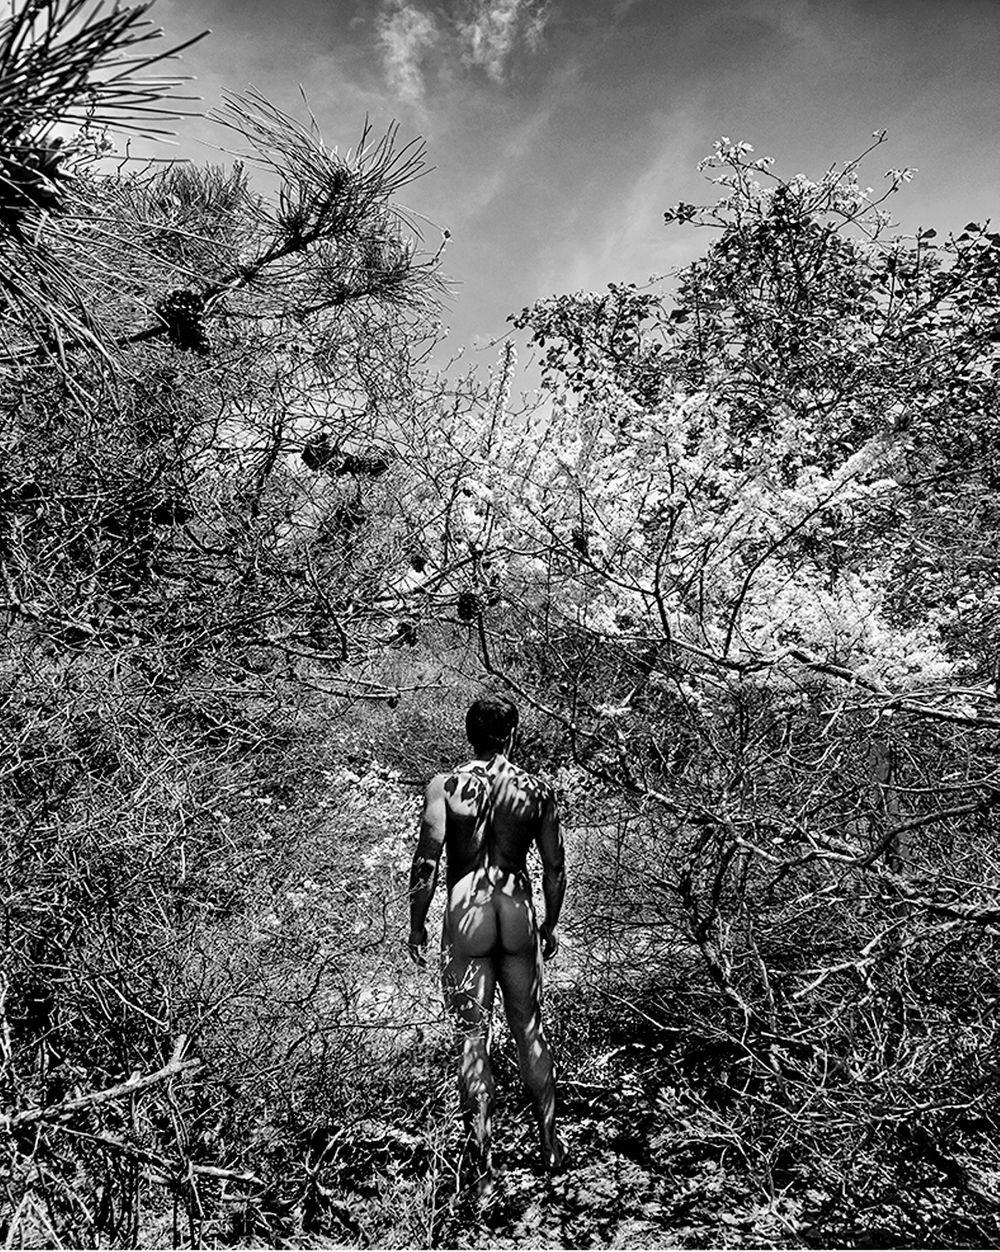 Brian_Tree_Shadows.jpg